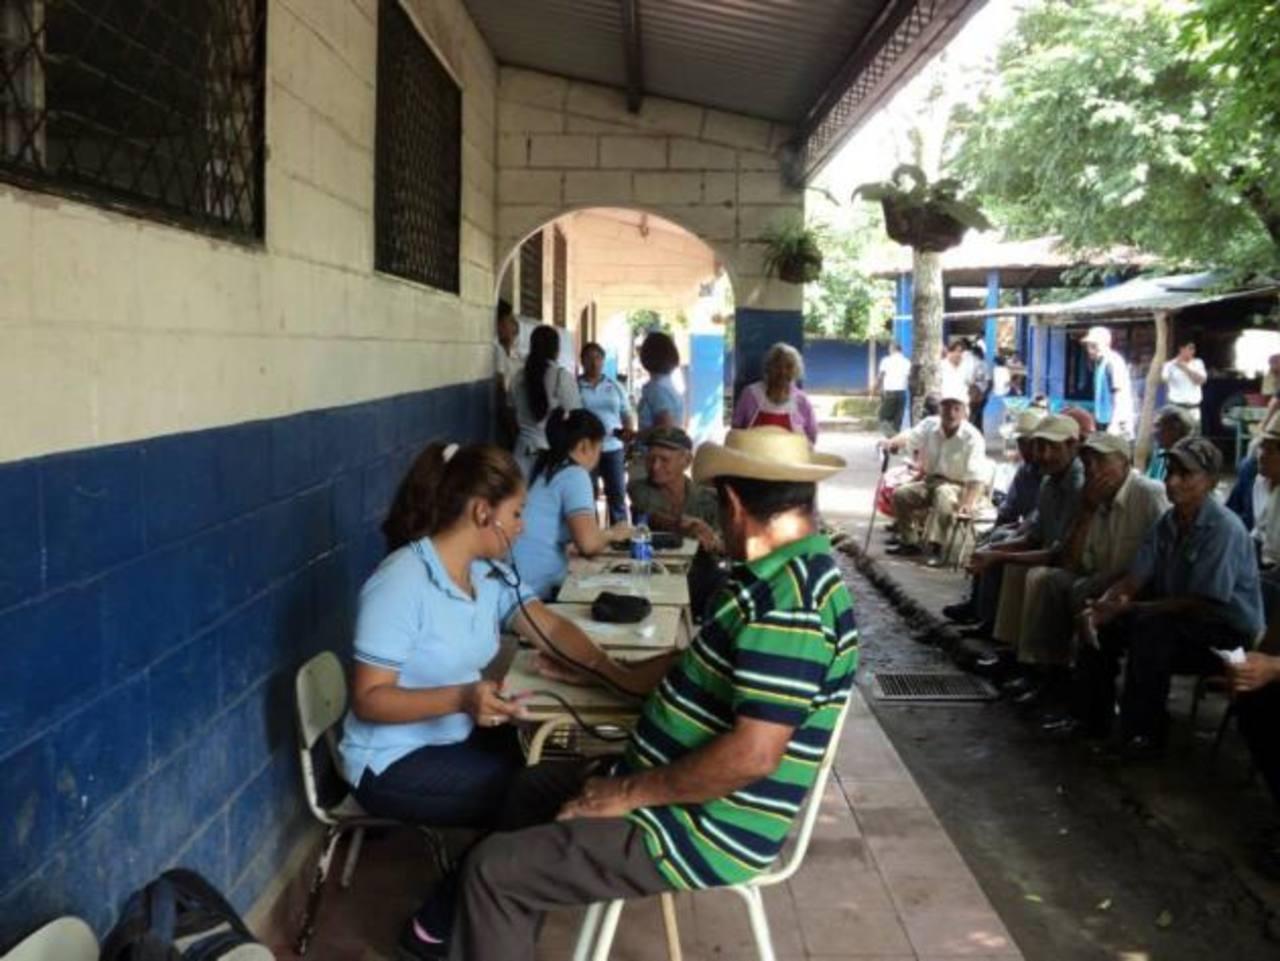 Las personas beneficiadas agradecieron la asistencia porque dijeron que muchas veces deben de esperar bastante tiempo para ser atendidas en los dispensarios públicos. Foto EDH / CORTESÍA